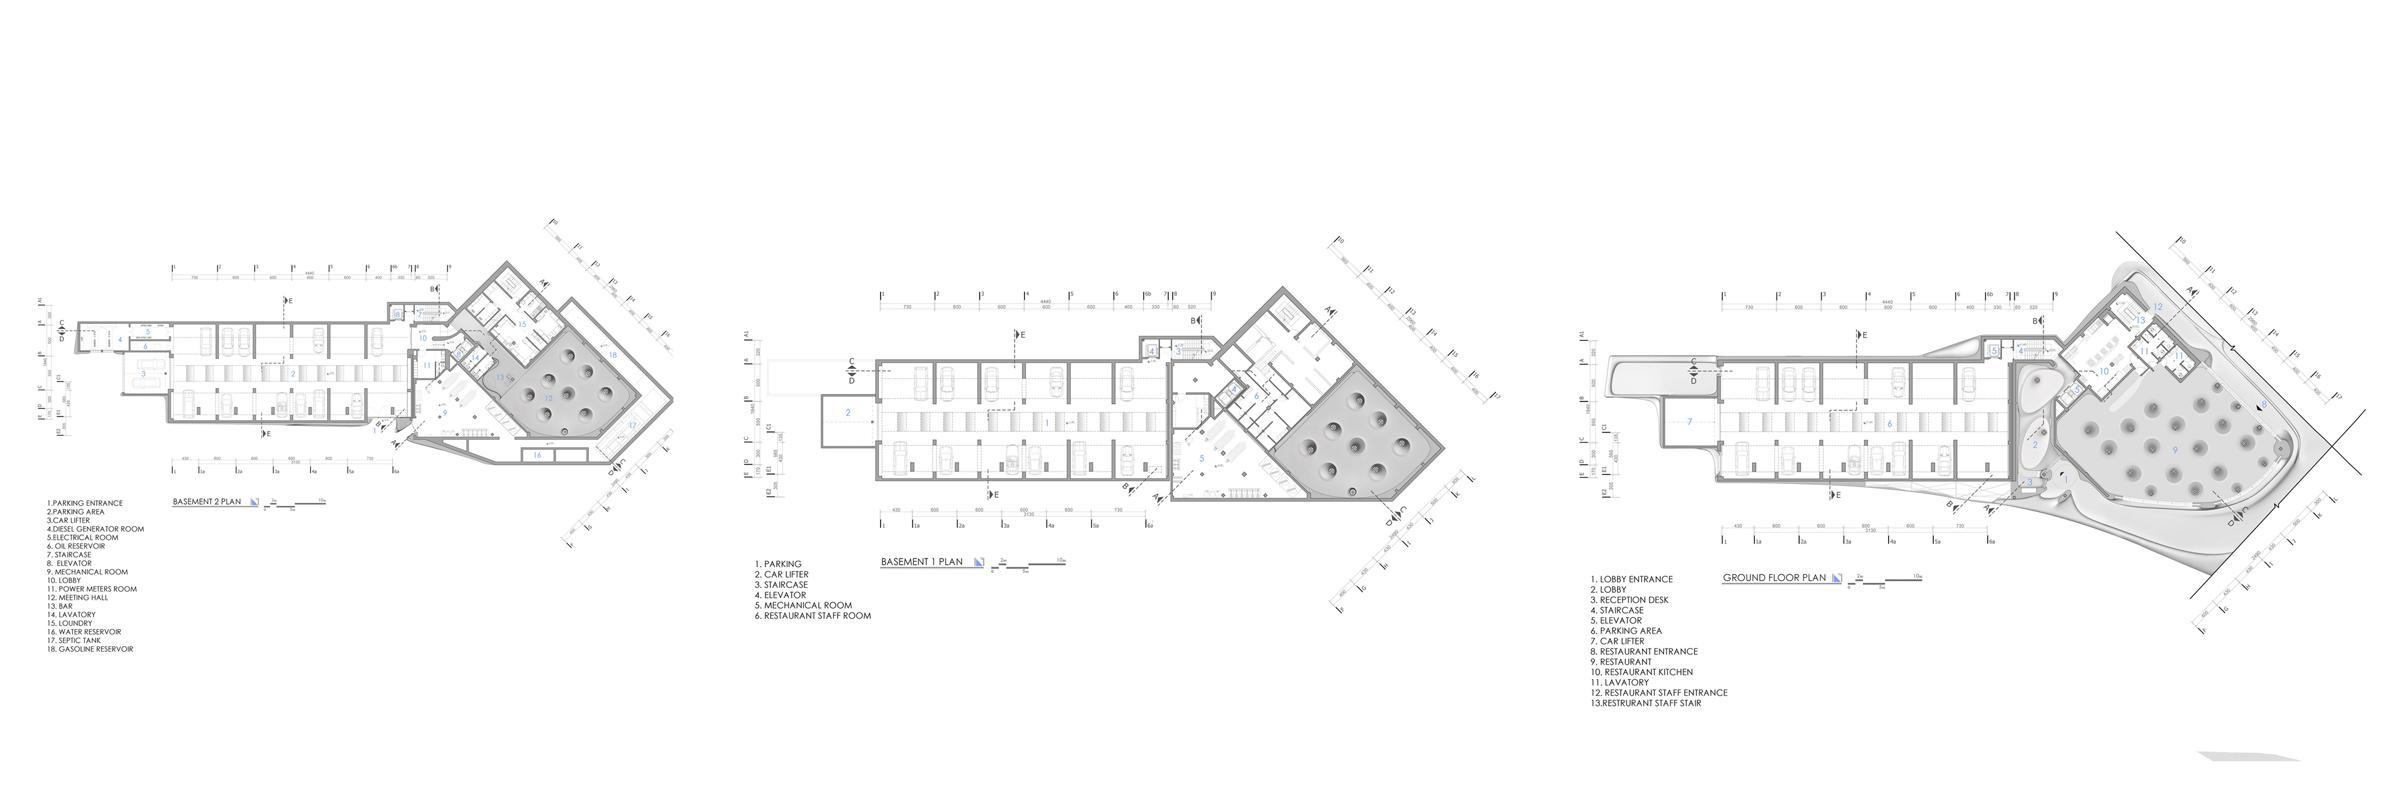 ضوابط طراحی هتل